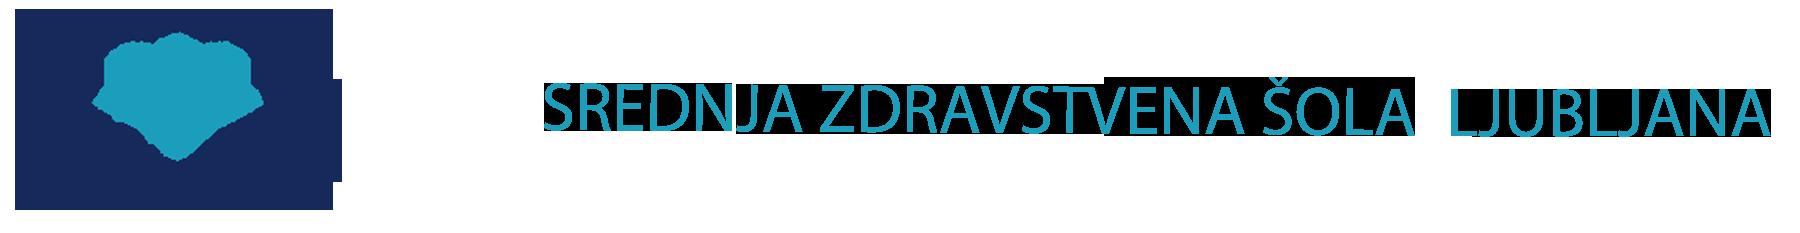 Srednja zdravstvena šola Ljubljana